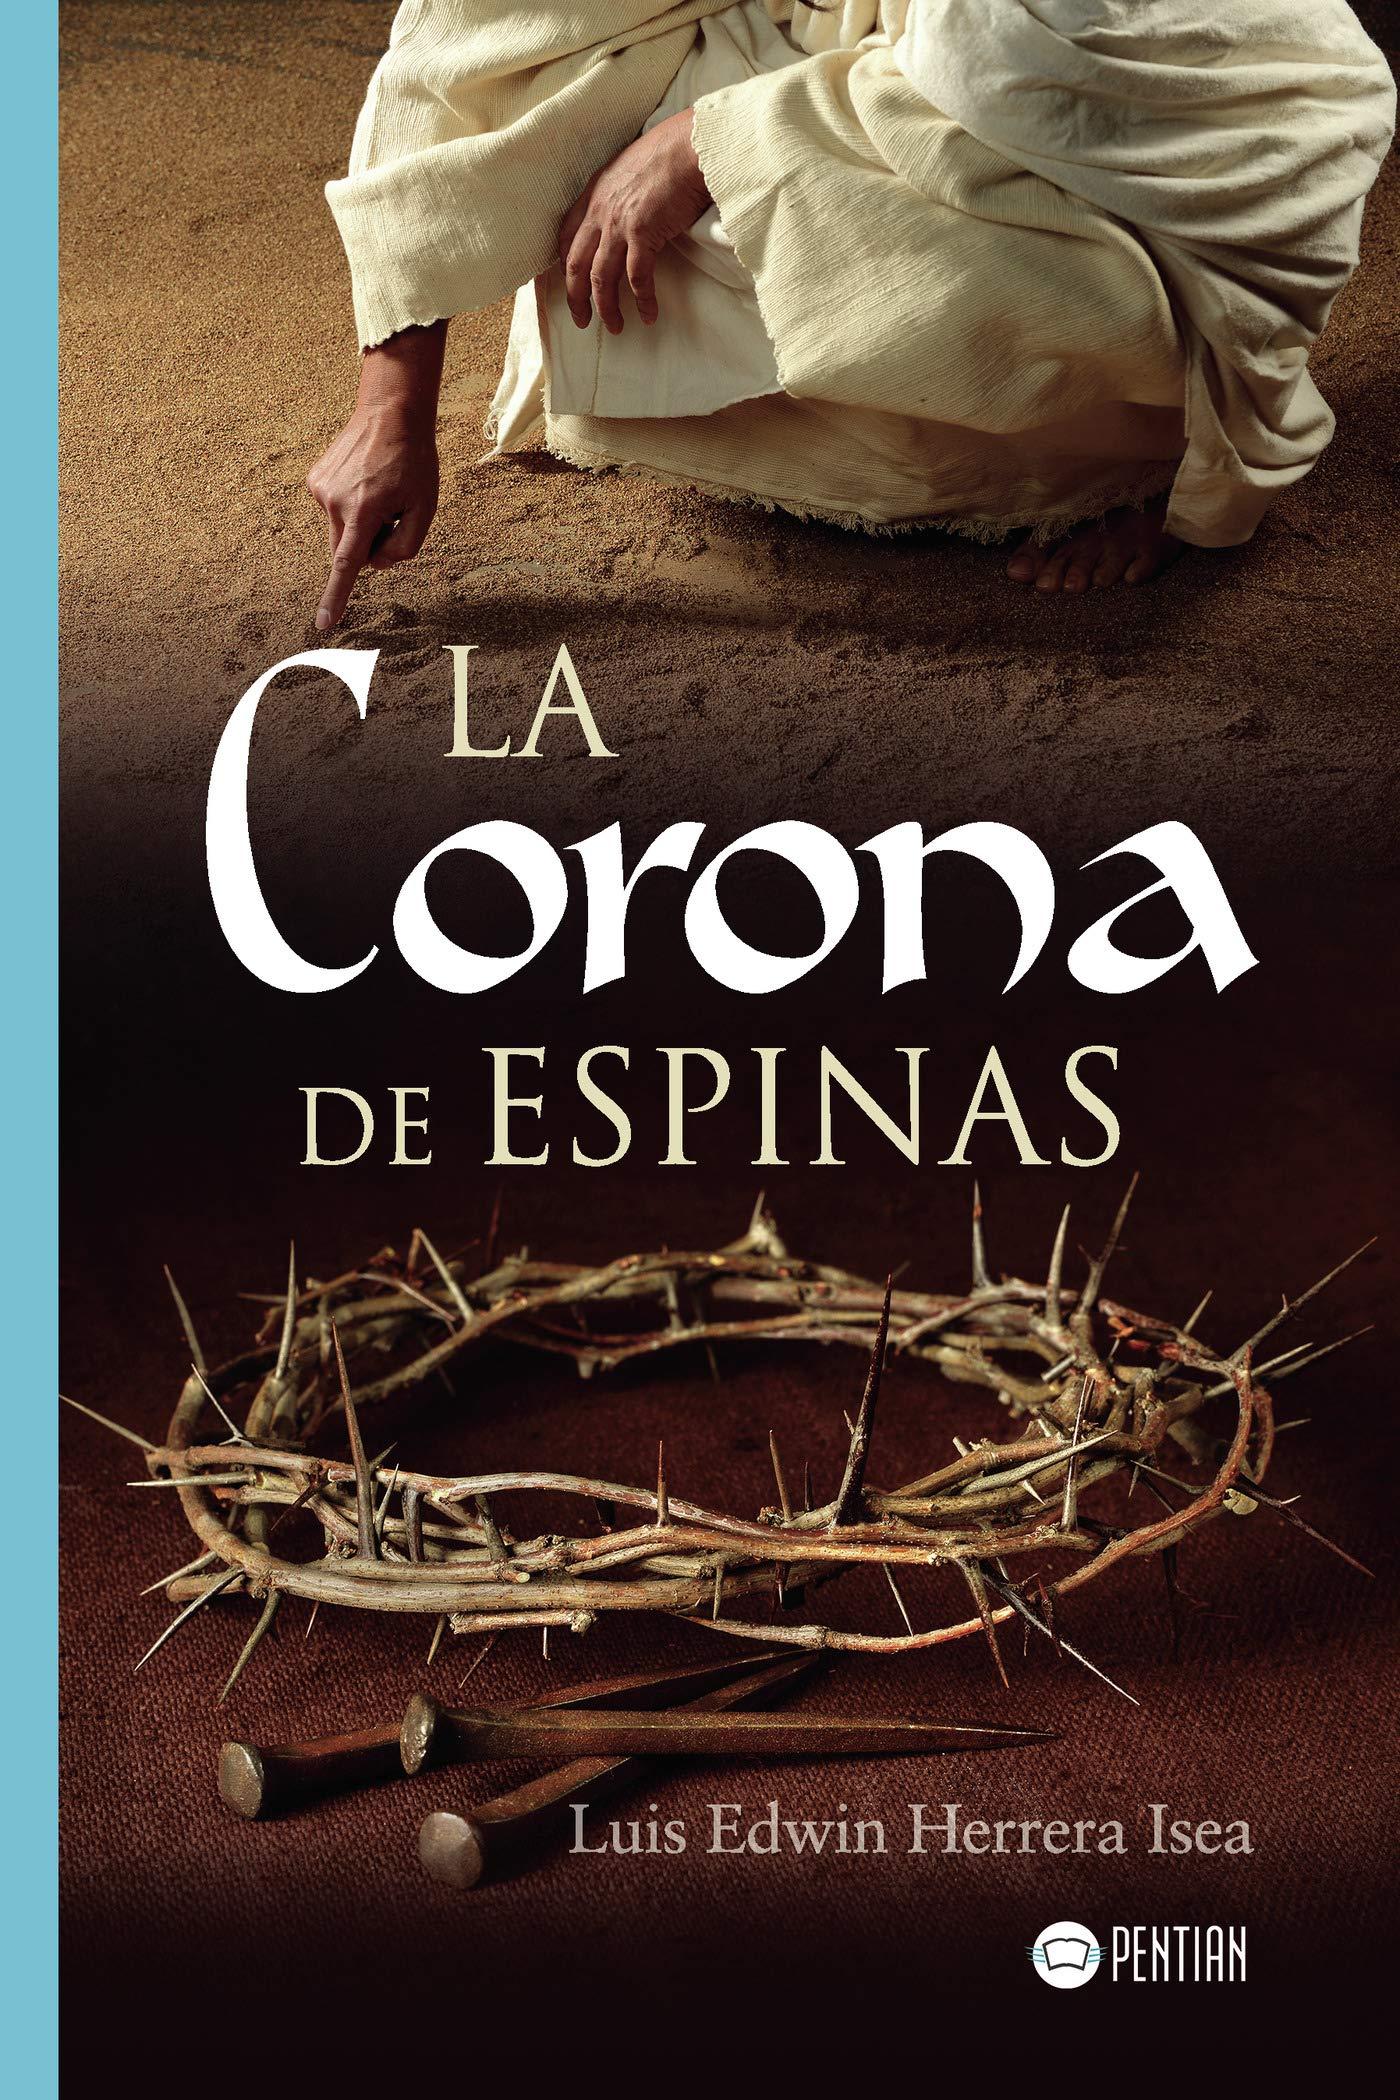 La corona de espinas: Amazon.es: Herrera, Luis Edwin: Libros